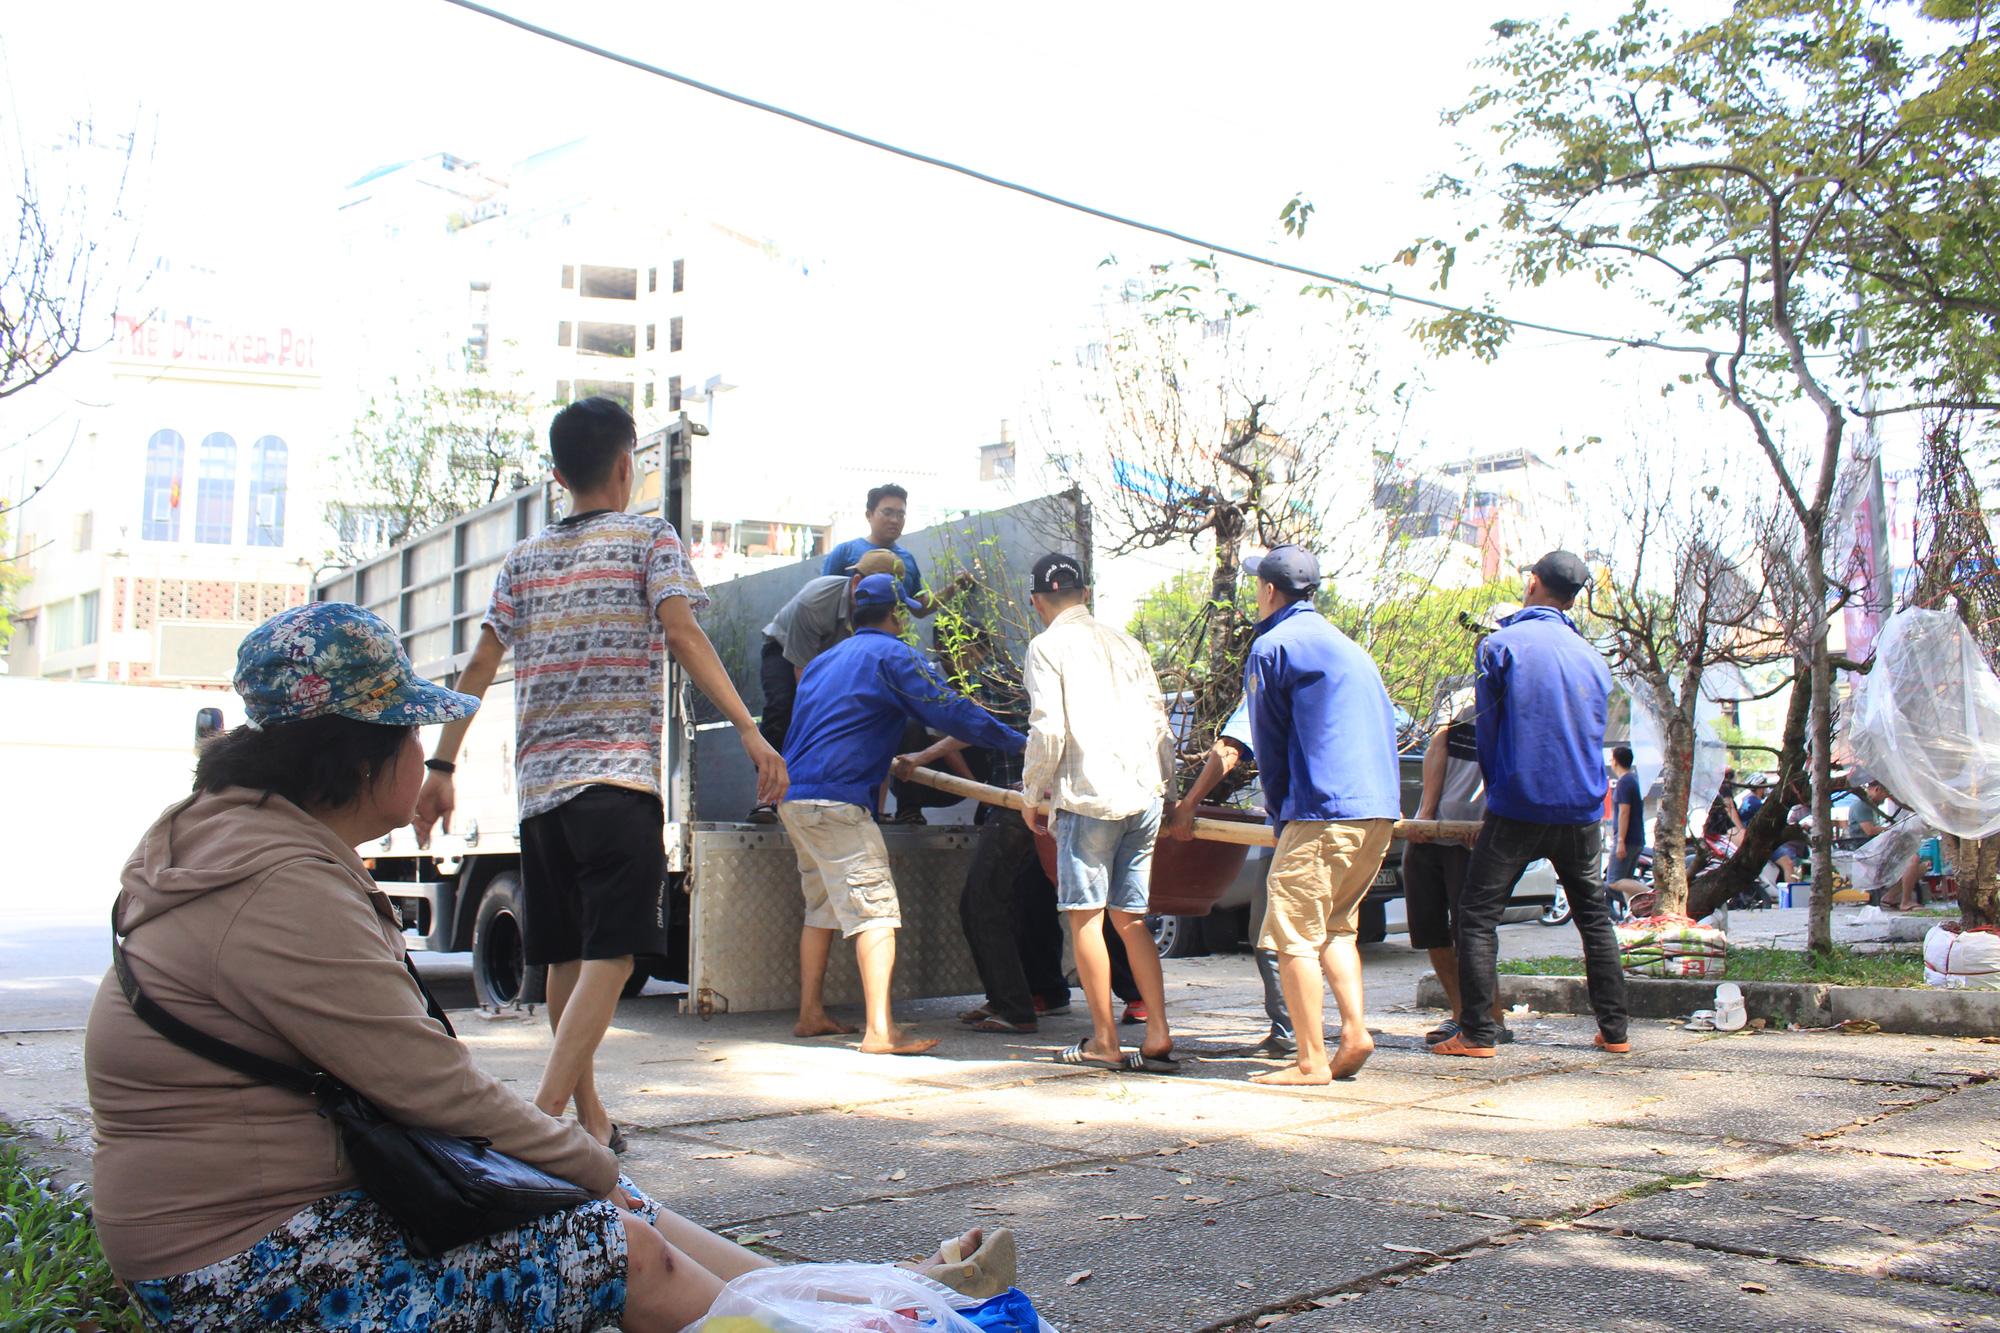 Đập nát hoa trước quăng lên xe rác ở Sài Gòn trưa 30 Tết - Ảnh 10.